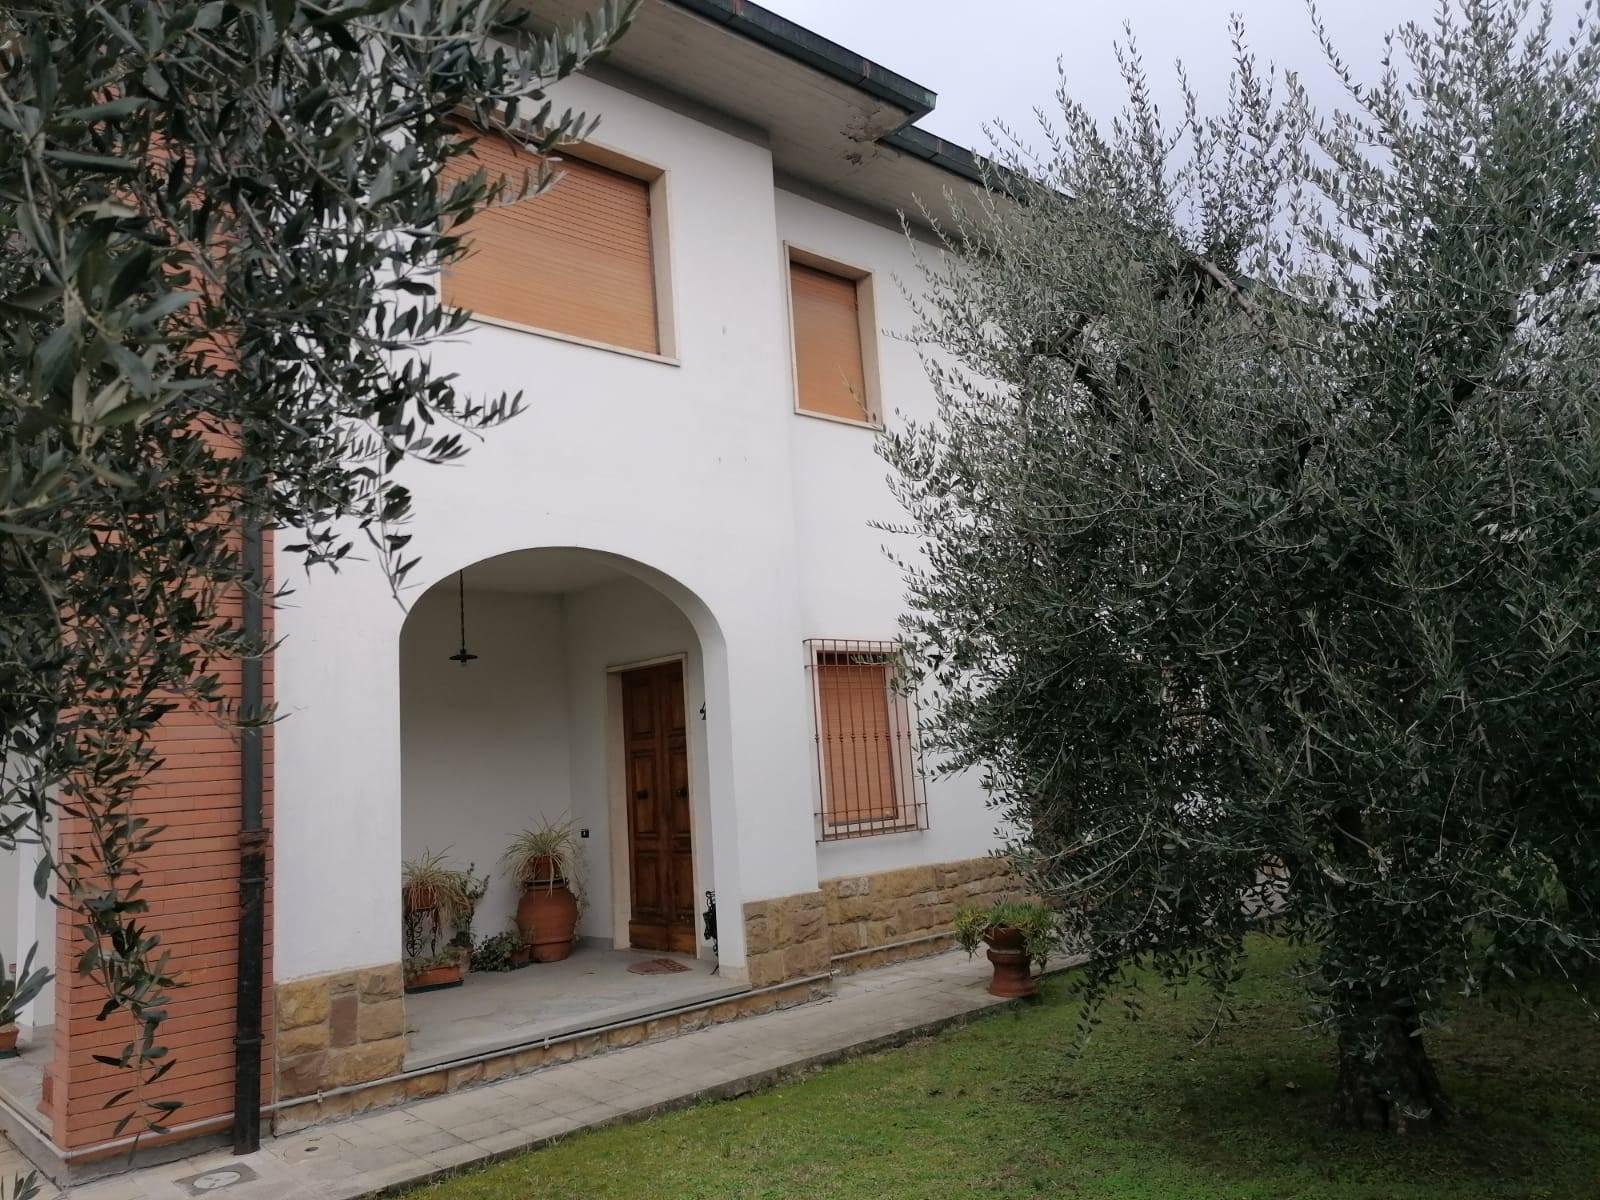 Villa in Vendita a Campi bisenzio zona  - immagine 2